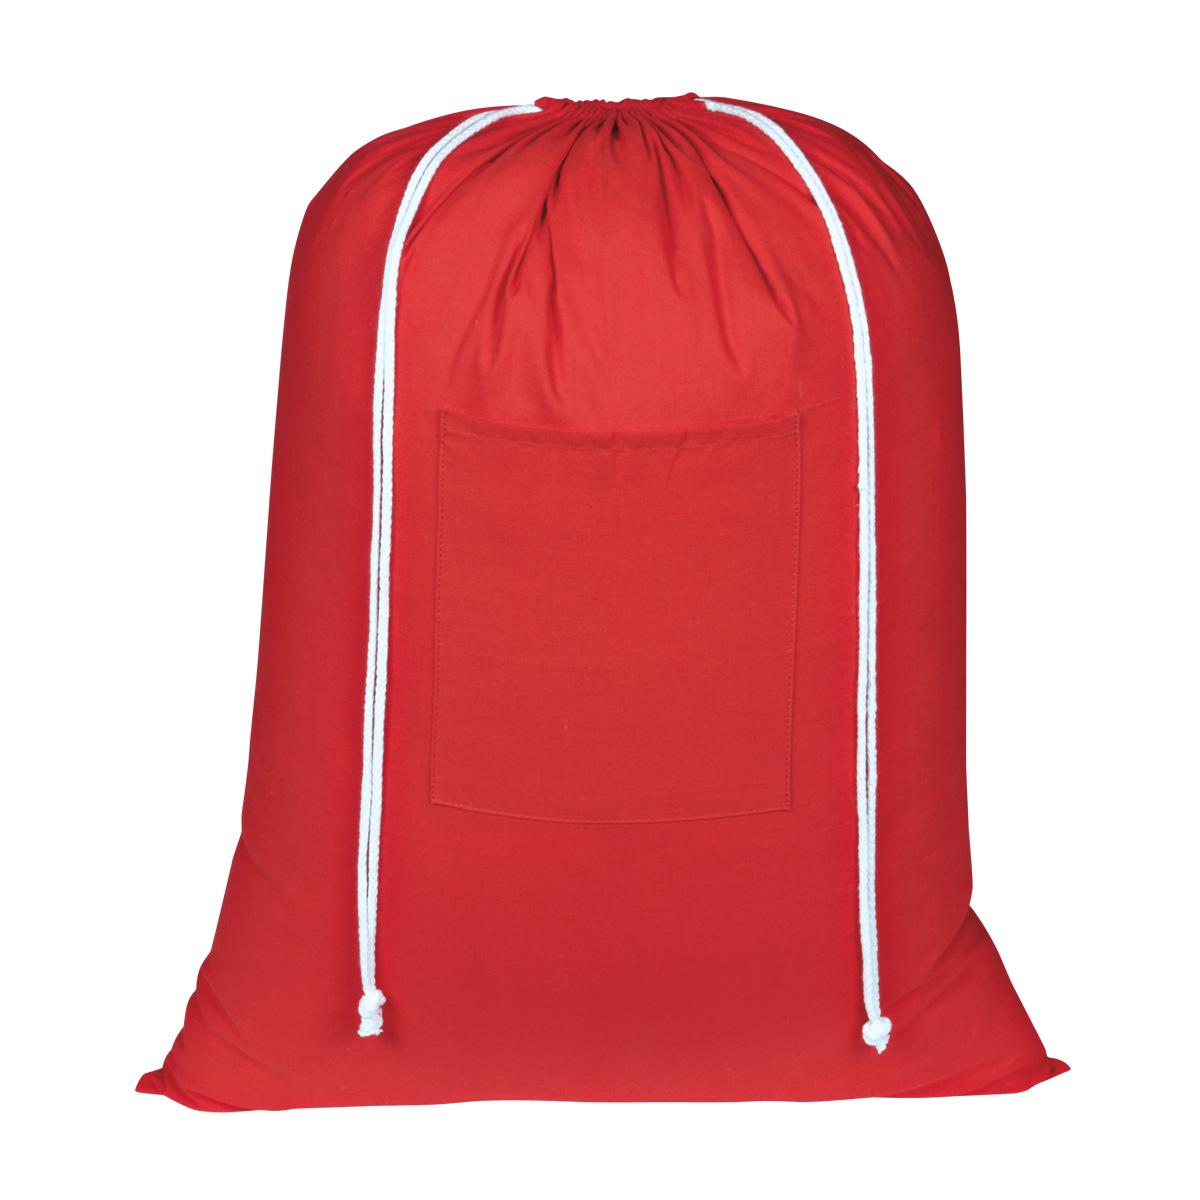 C09-0283 - Bolsa 100% Algodón Rojo con Jaretas